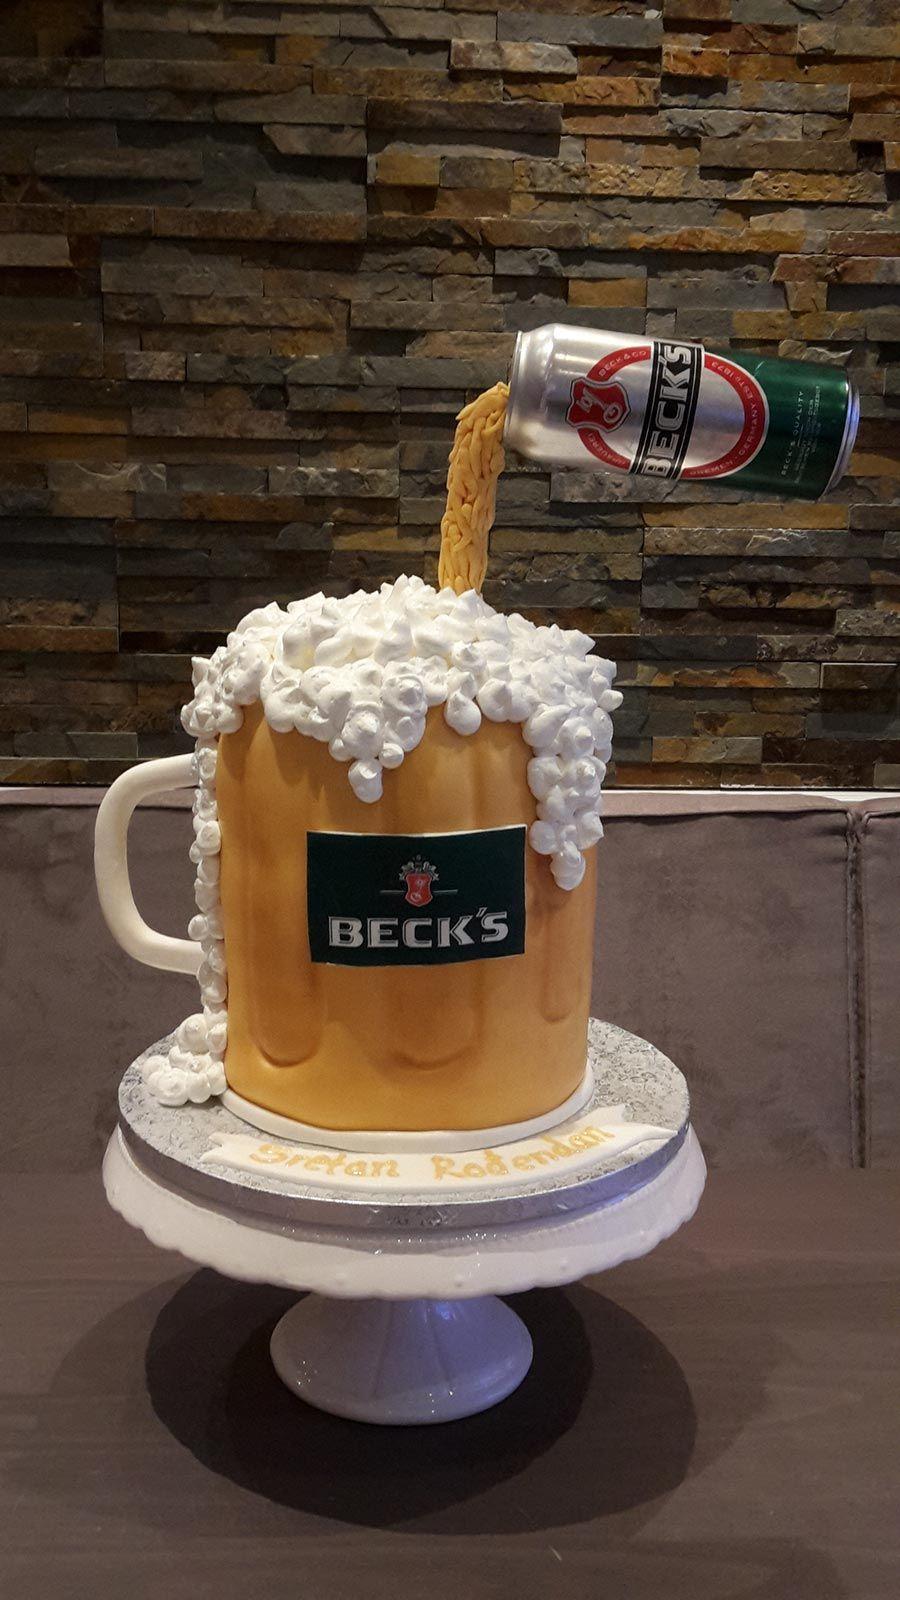 Geburtstagstorte Birthdaycake Bier 3dtorte Beer 3dcake Beercake Biertorte Becks Cafelezard Berlin Berlinsbestetor 3d Kuchen Coole Torten Bierkuchen